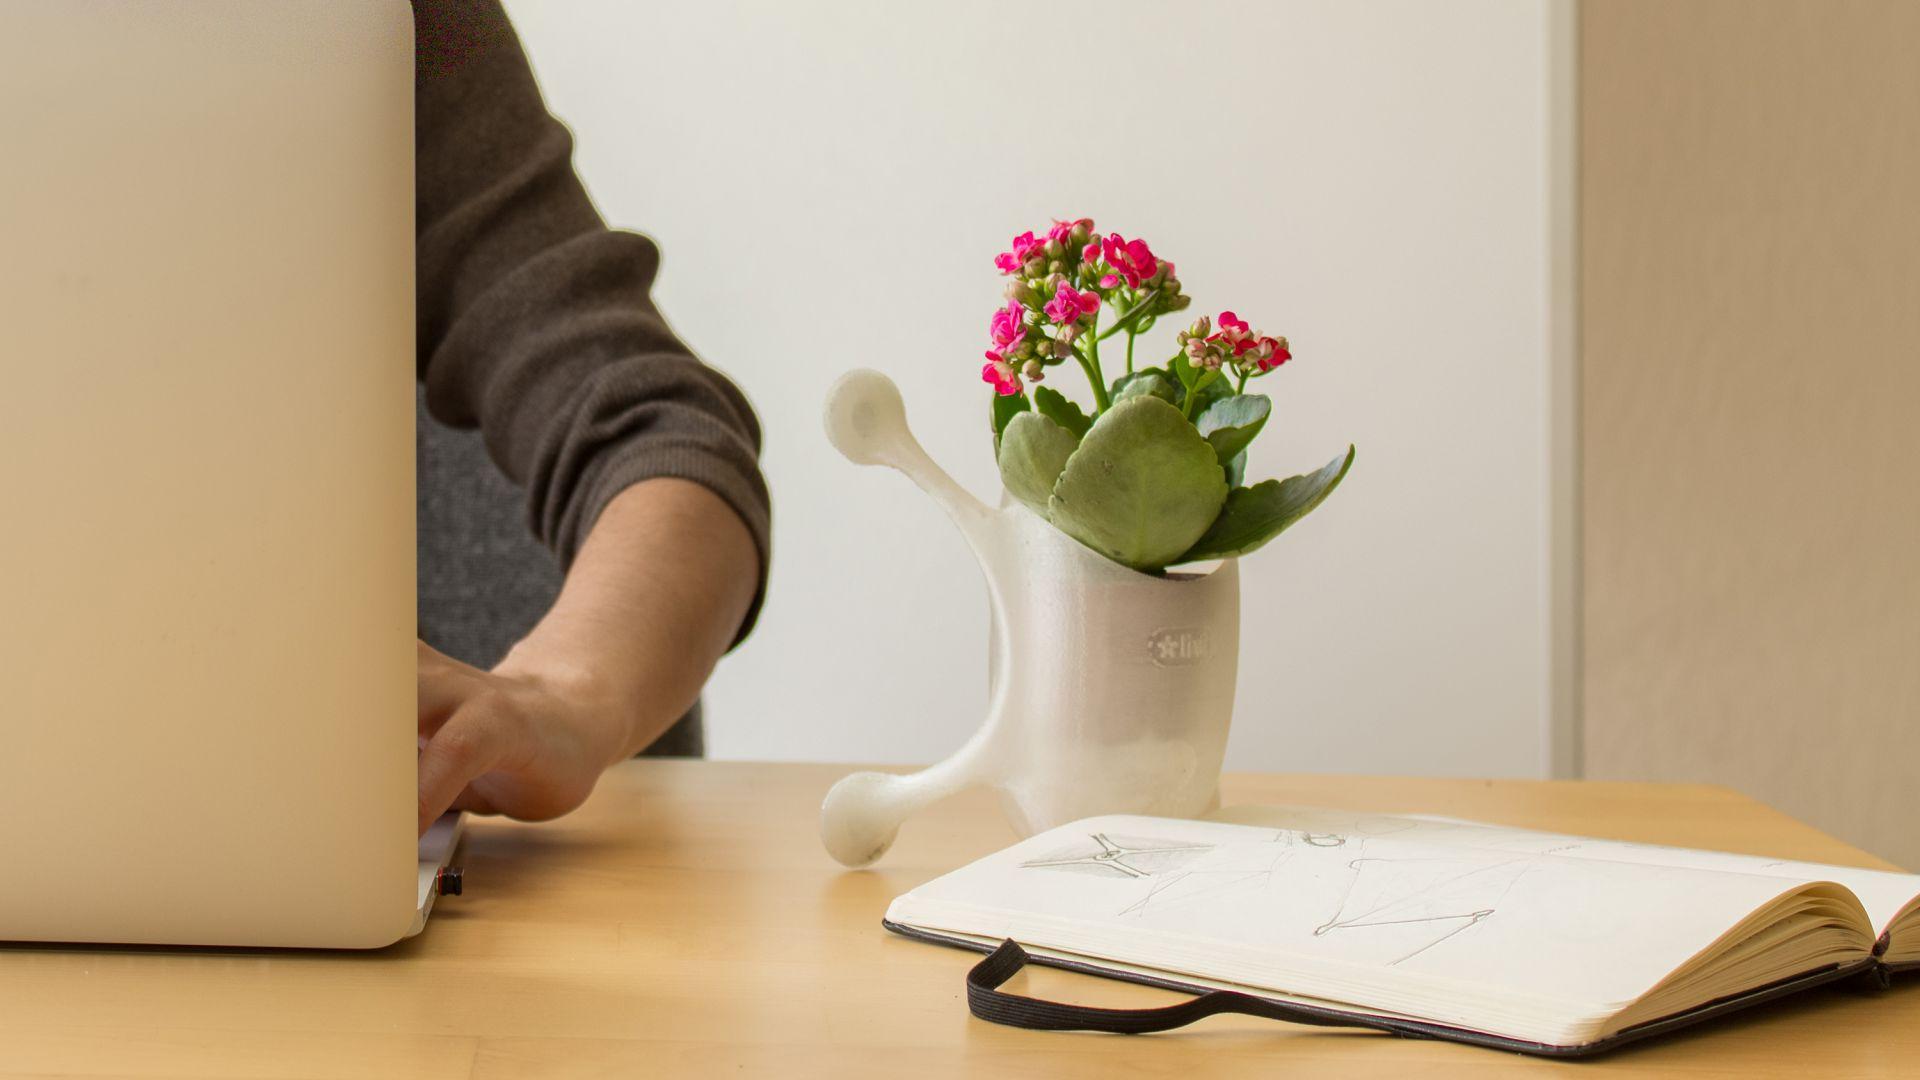 不必花大錢 這些植物就能淨化室內空氣